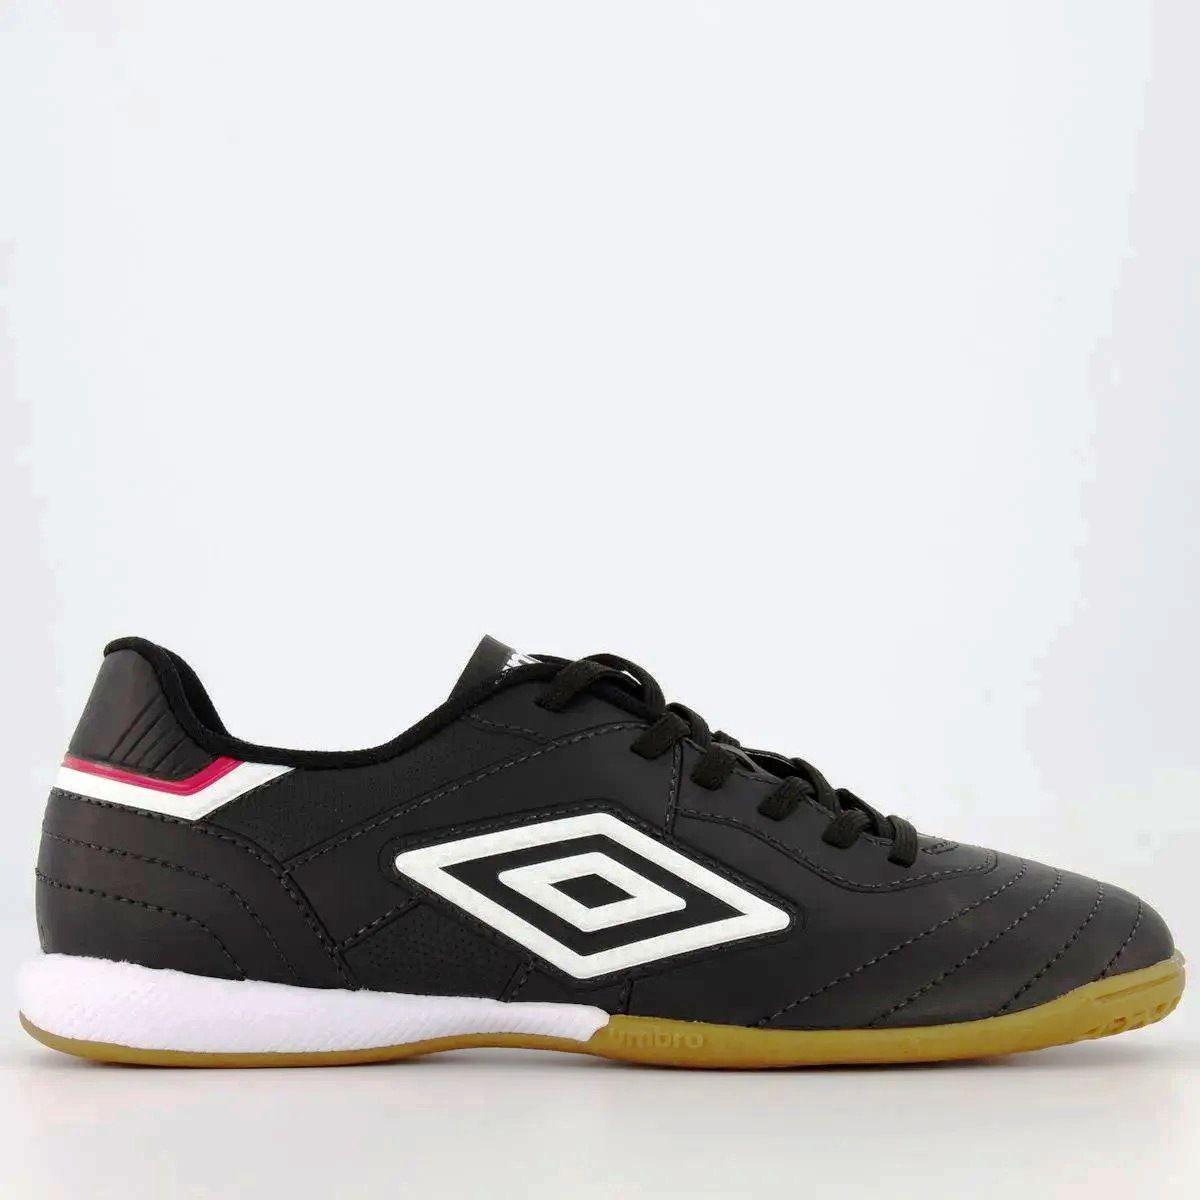 Chuteira Futsal Umbro Speciali III League Masculino - Preto/Branco